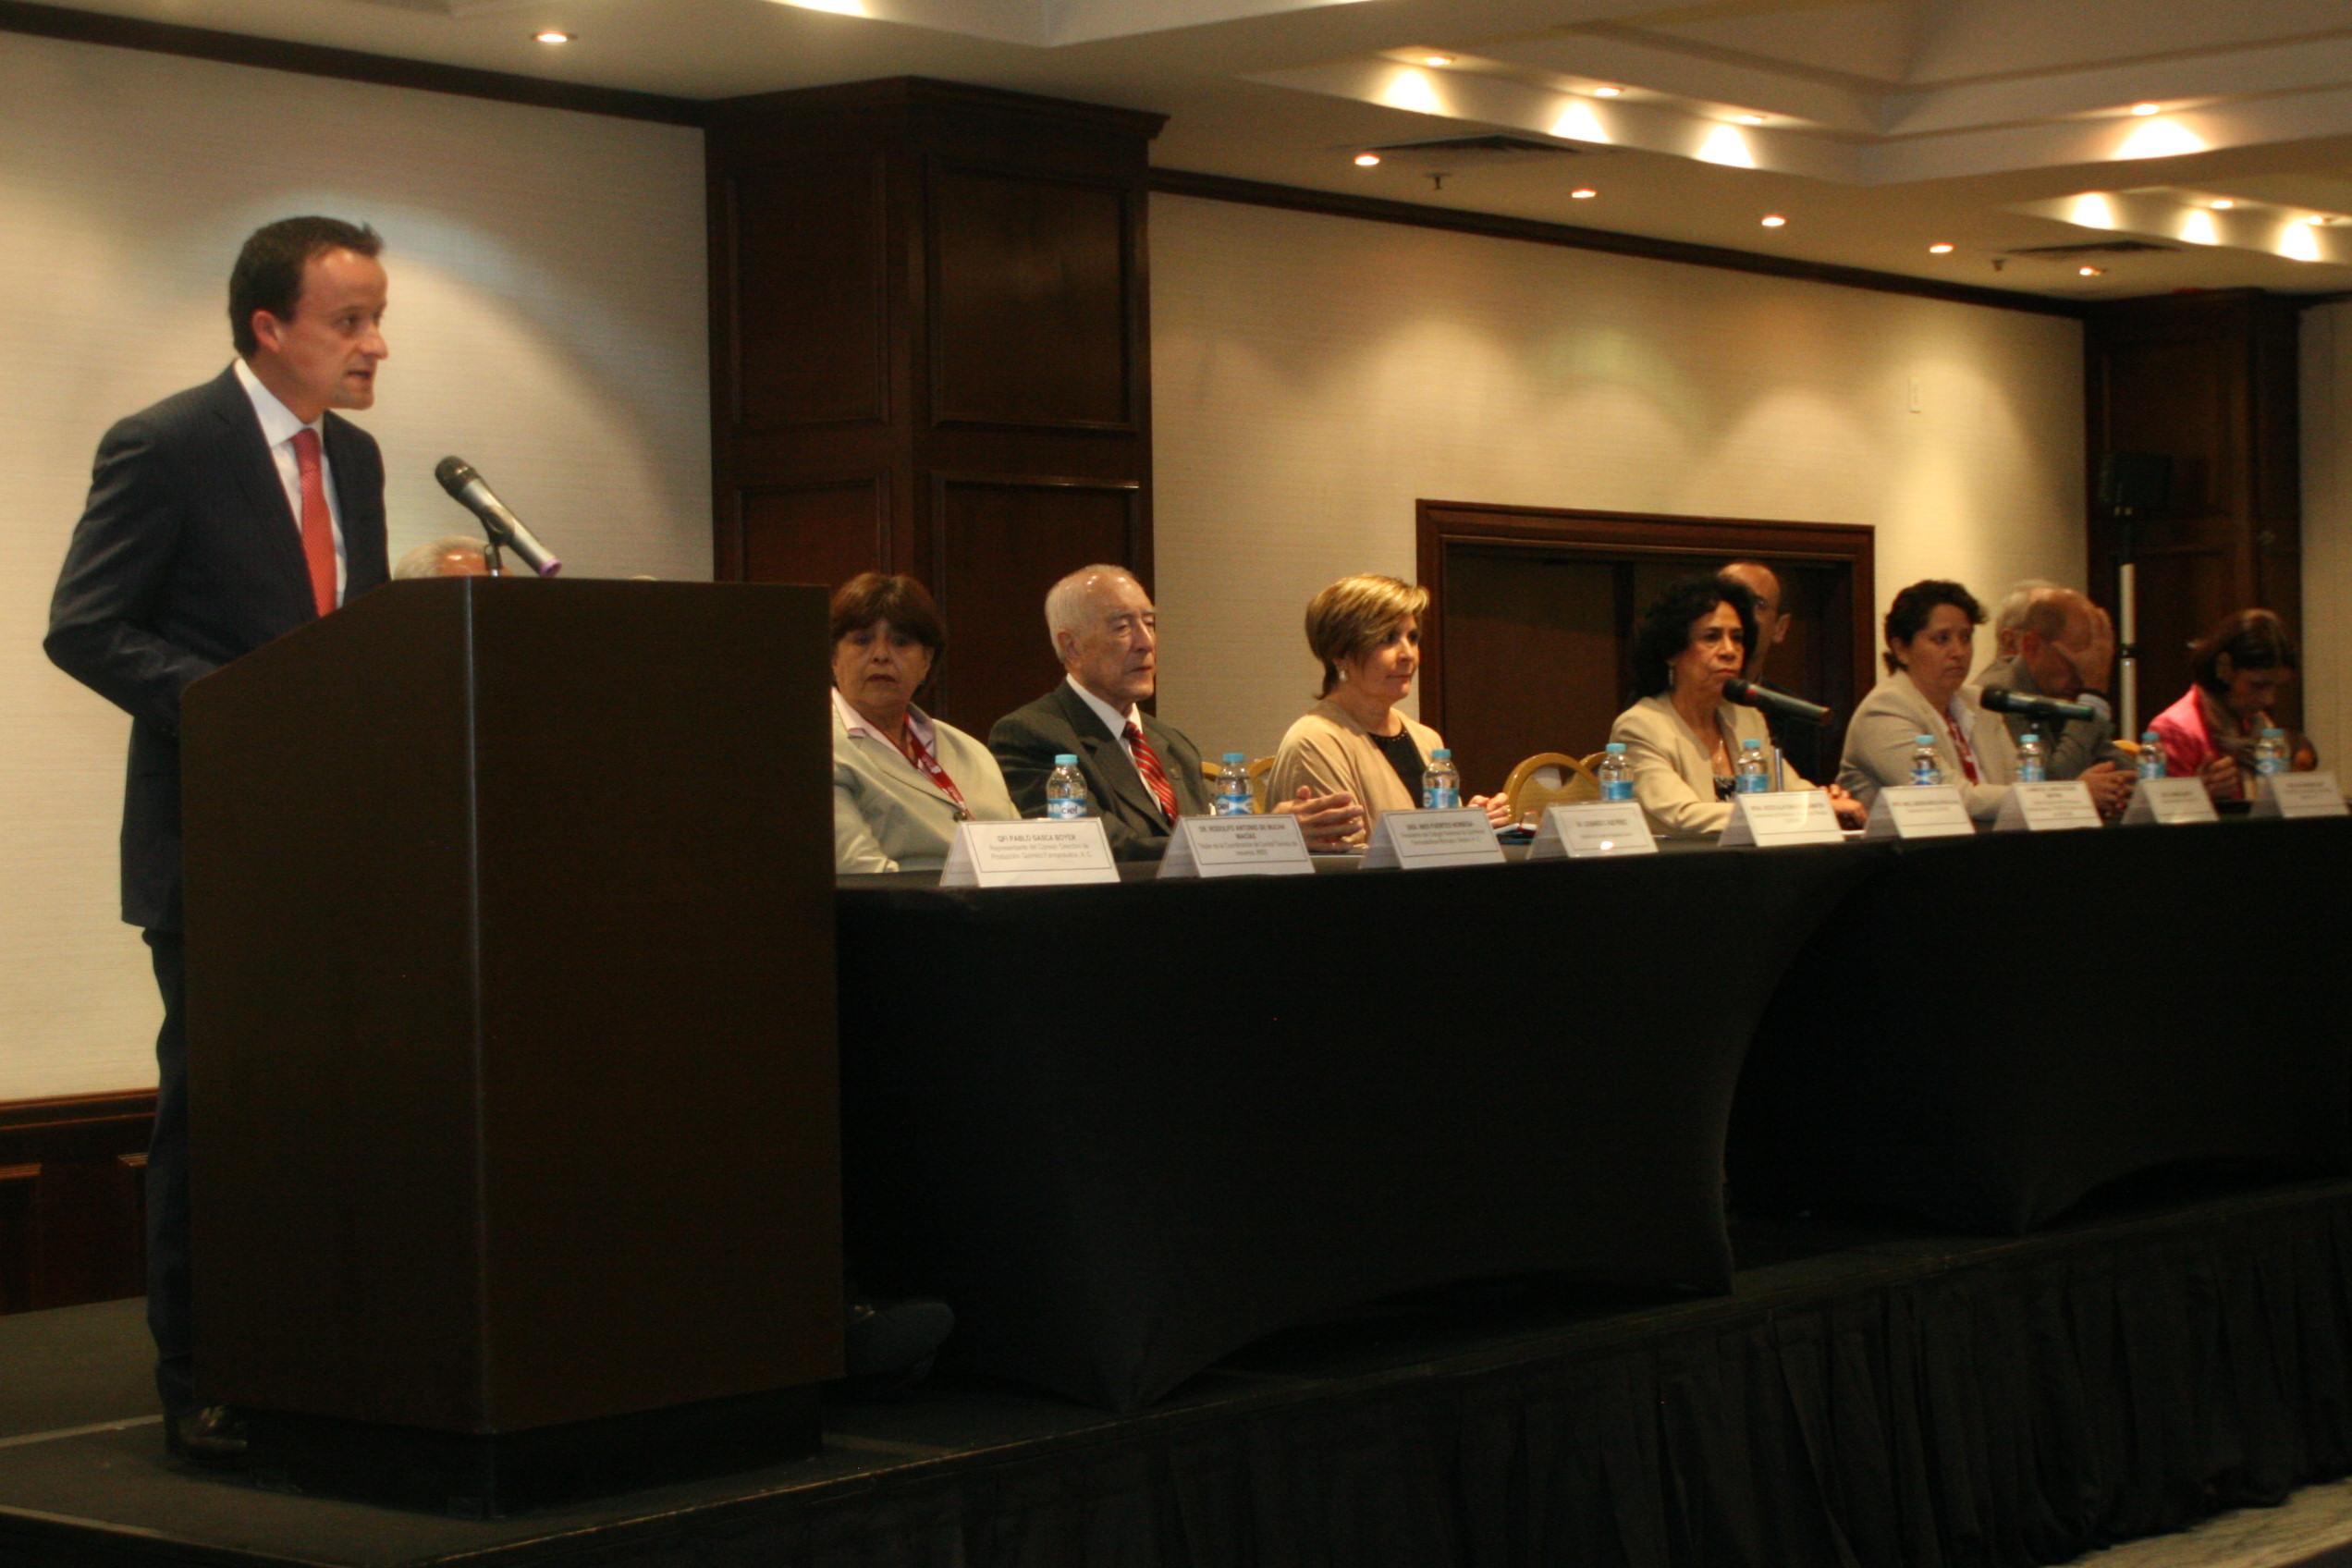 Encuentro científico de la Farmacopea de los Estados Unidos Mexicanos y la Farmacopea de los Estados Unidos de América